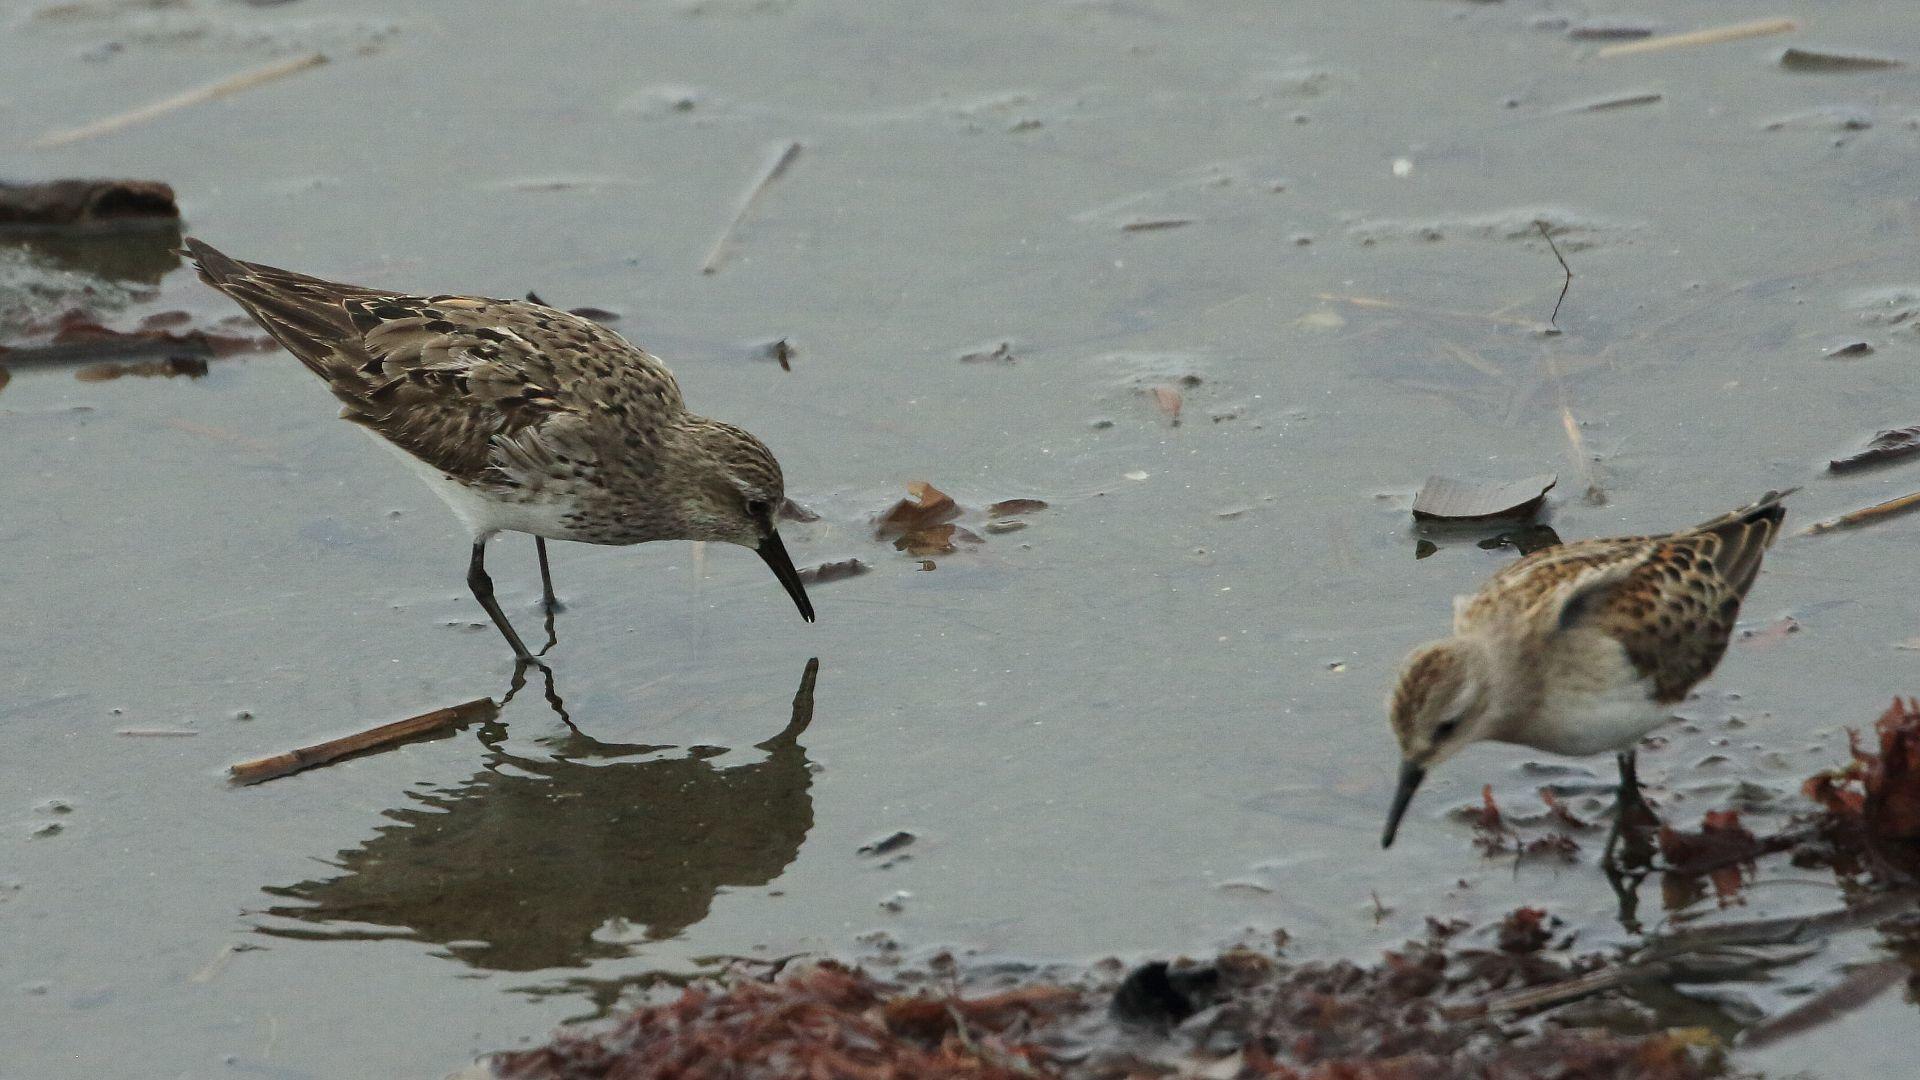 超珍鳥コシジロウズラシギとトウネンの大きさ比較_f0105570_21174626.jpg